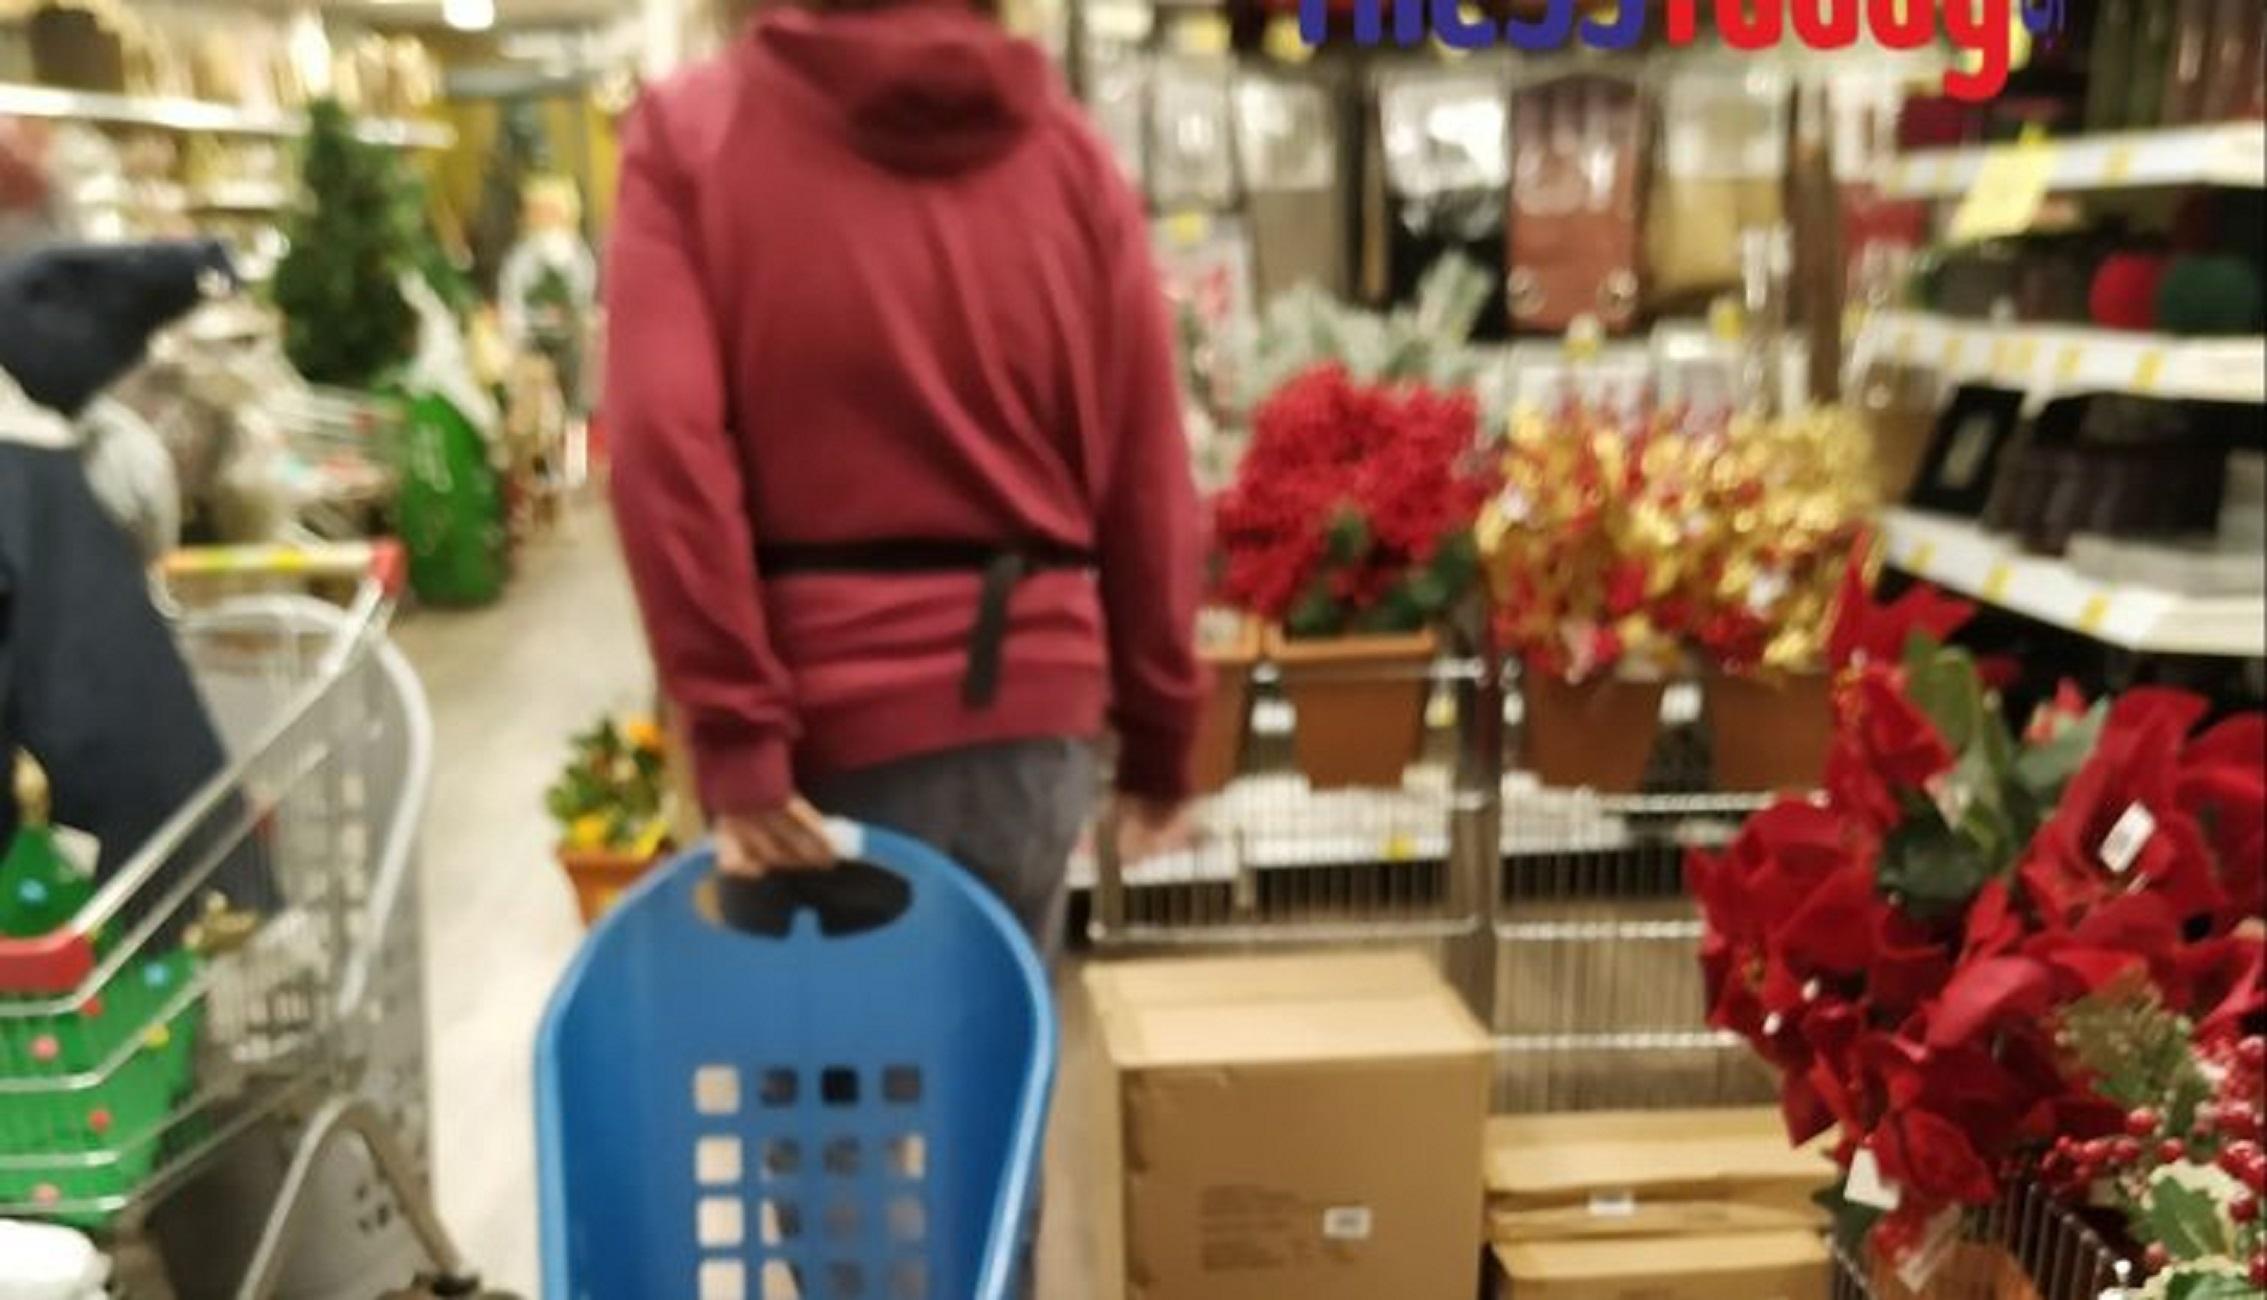 Κατερίνη – Lockdown: Εμπορικά καταστήματα άνοιξαν με κόλπο και βάζουν κόσμο από την πίσω πόρτα (Φωτό)